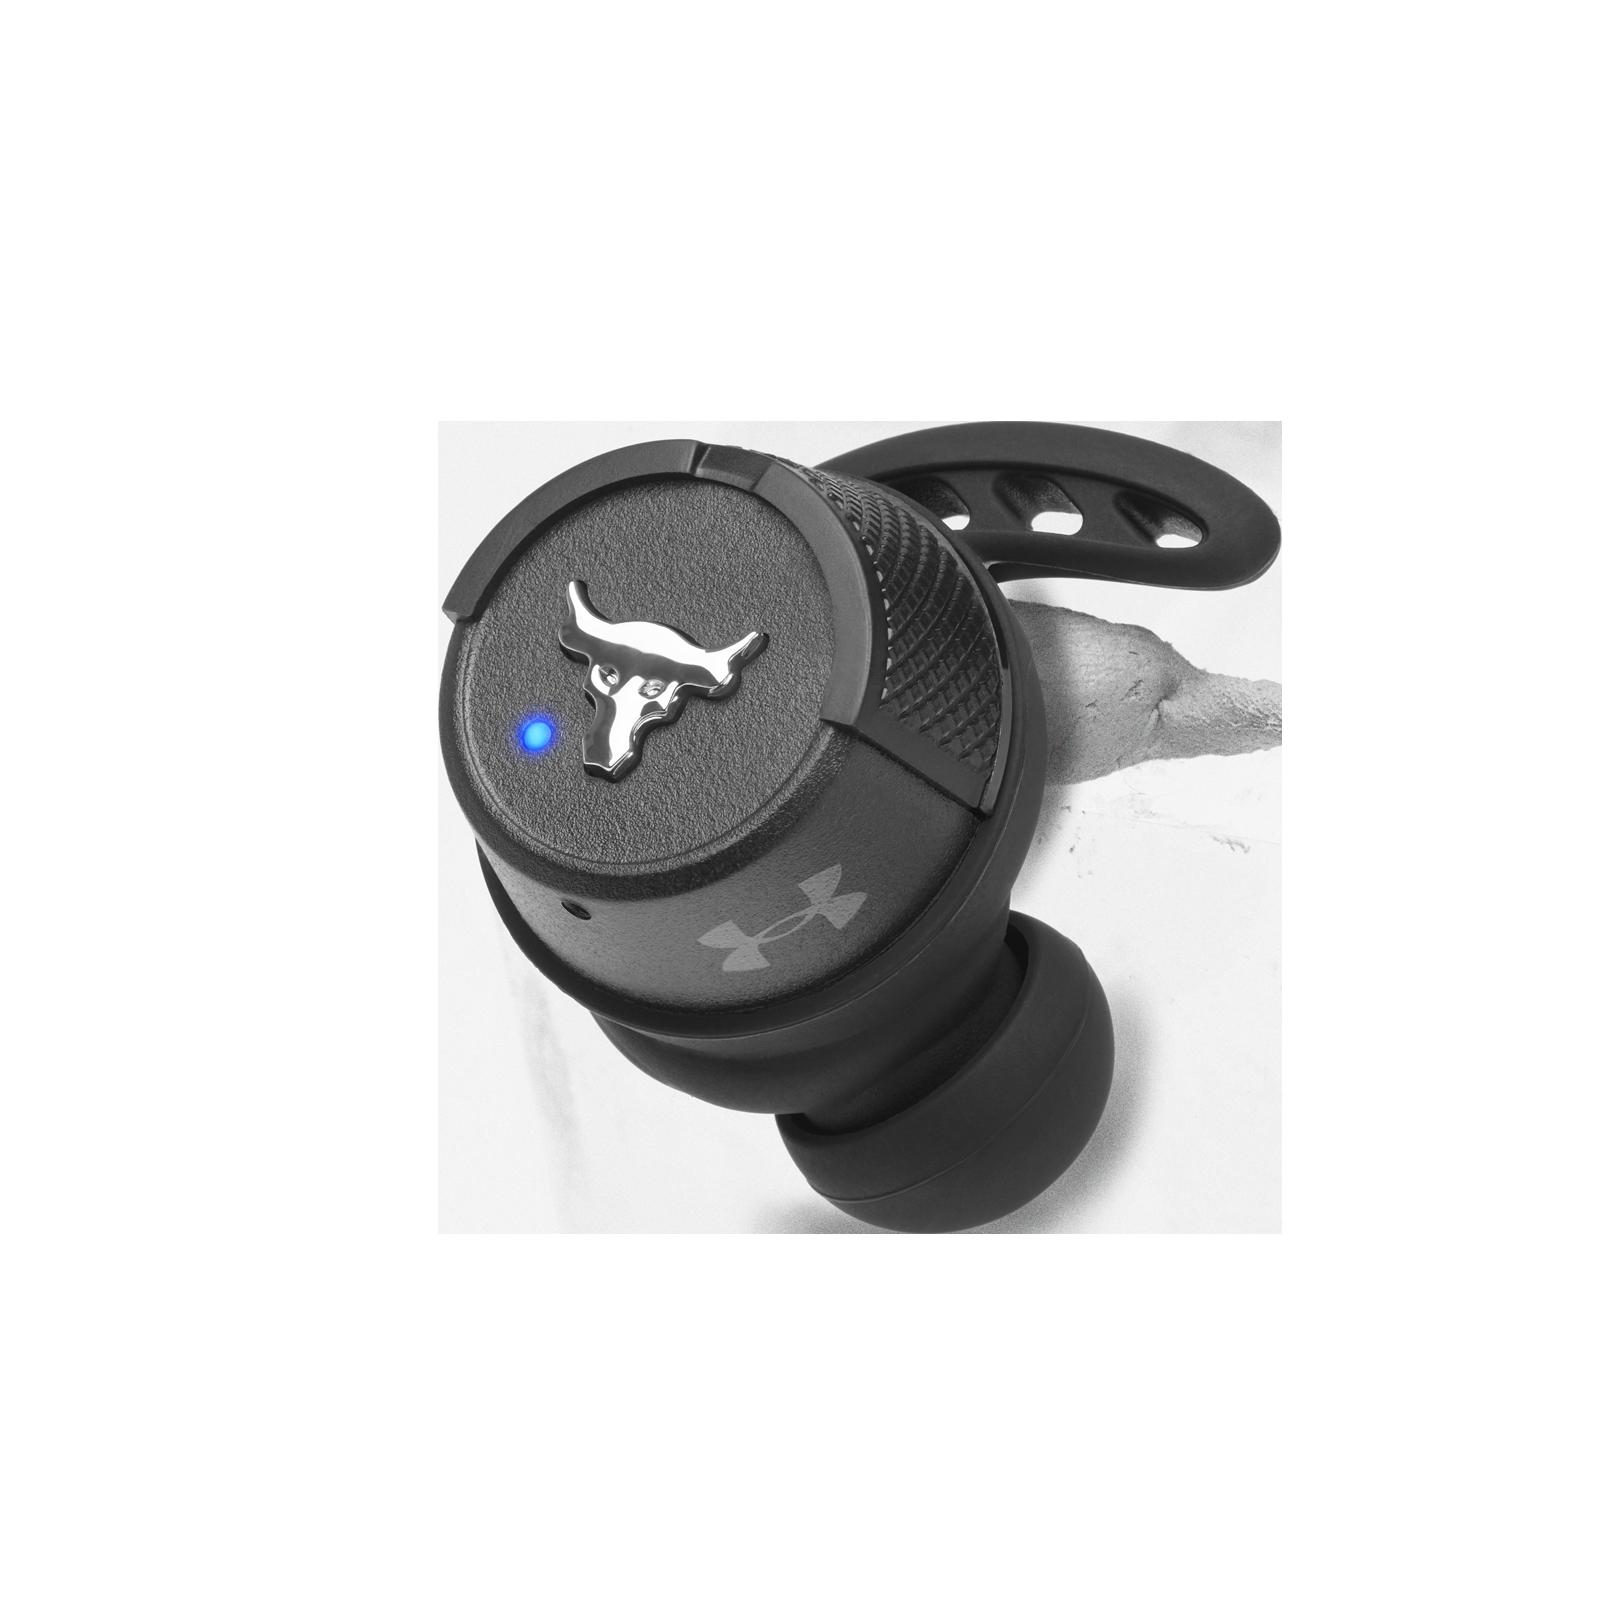 UA Project Rock True Wireless X - Engineered by JBL - Black - In-Ear Sport Headphones - Detailshot 2